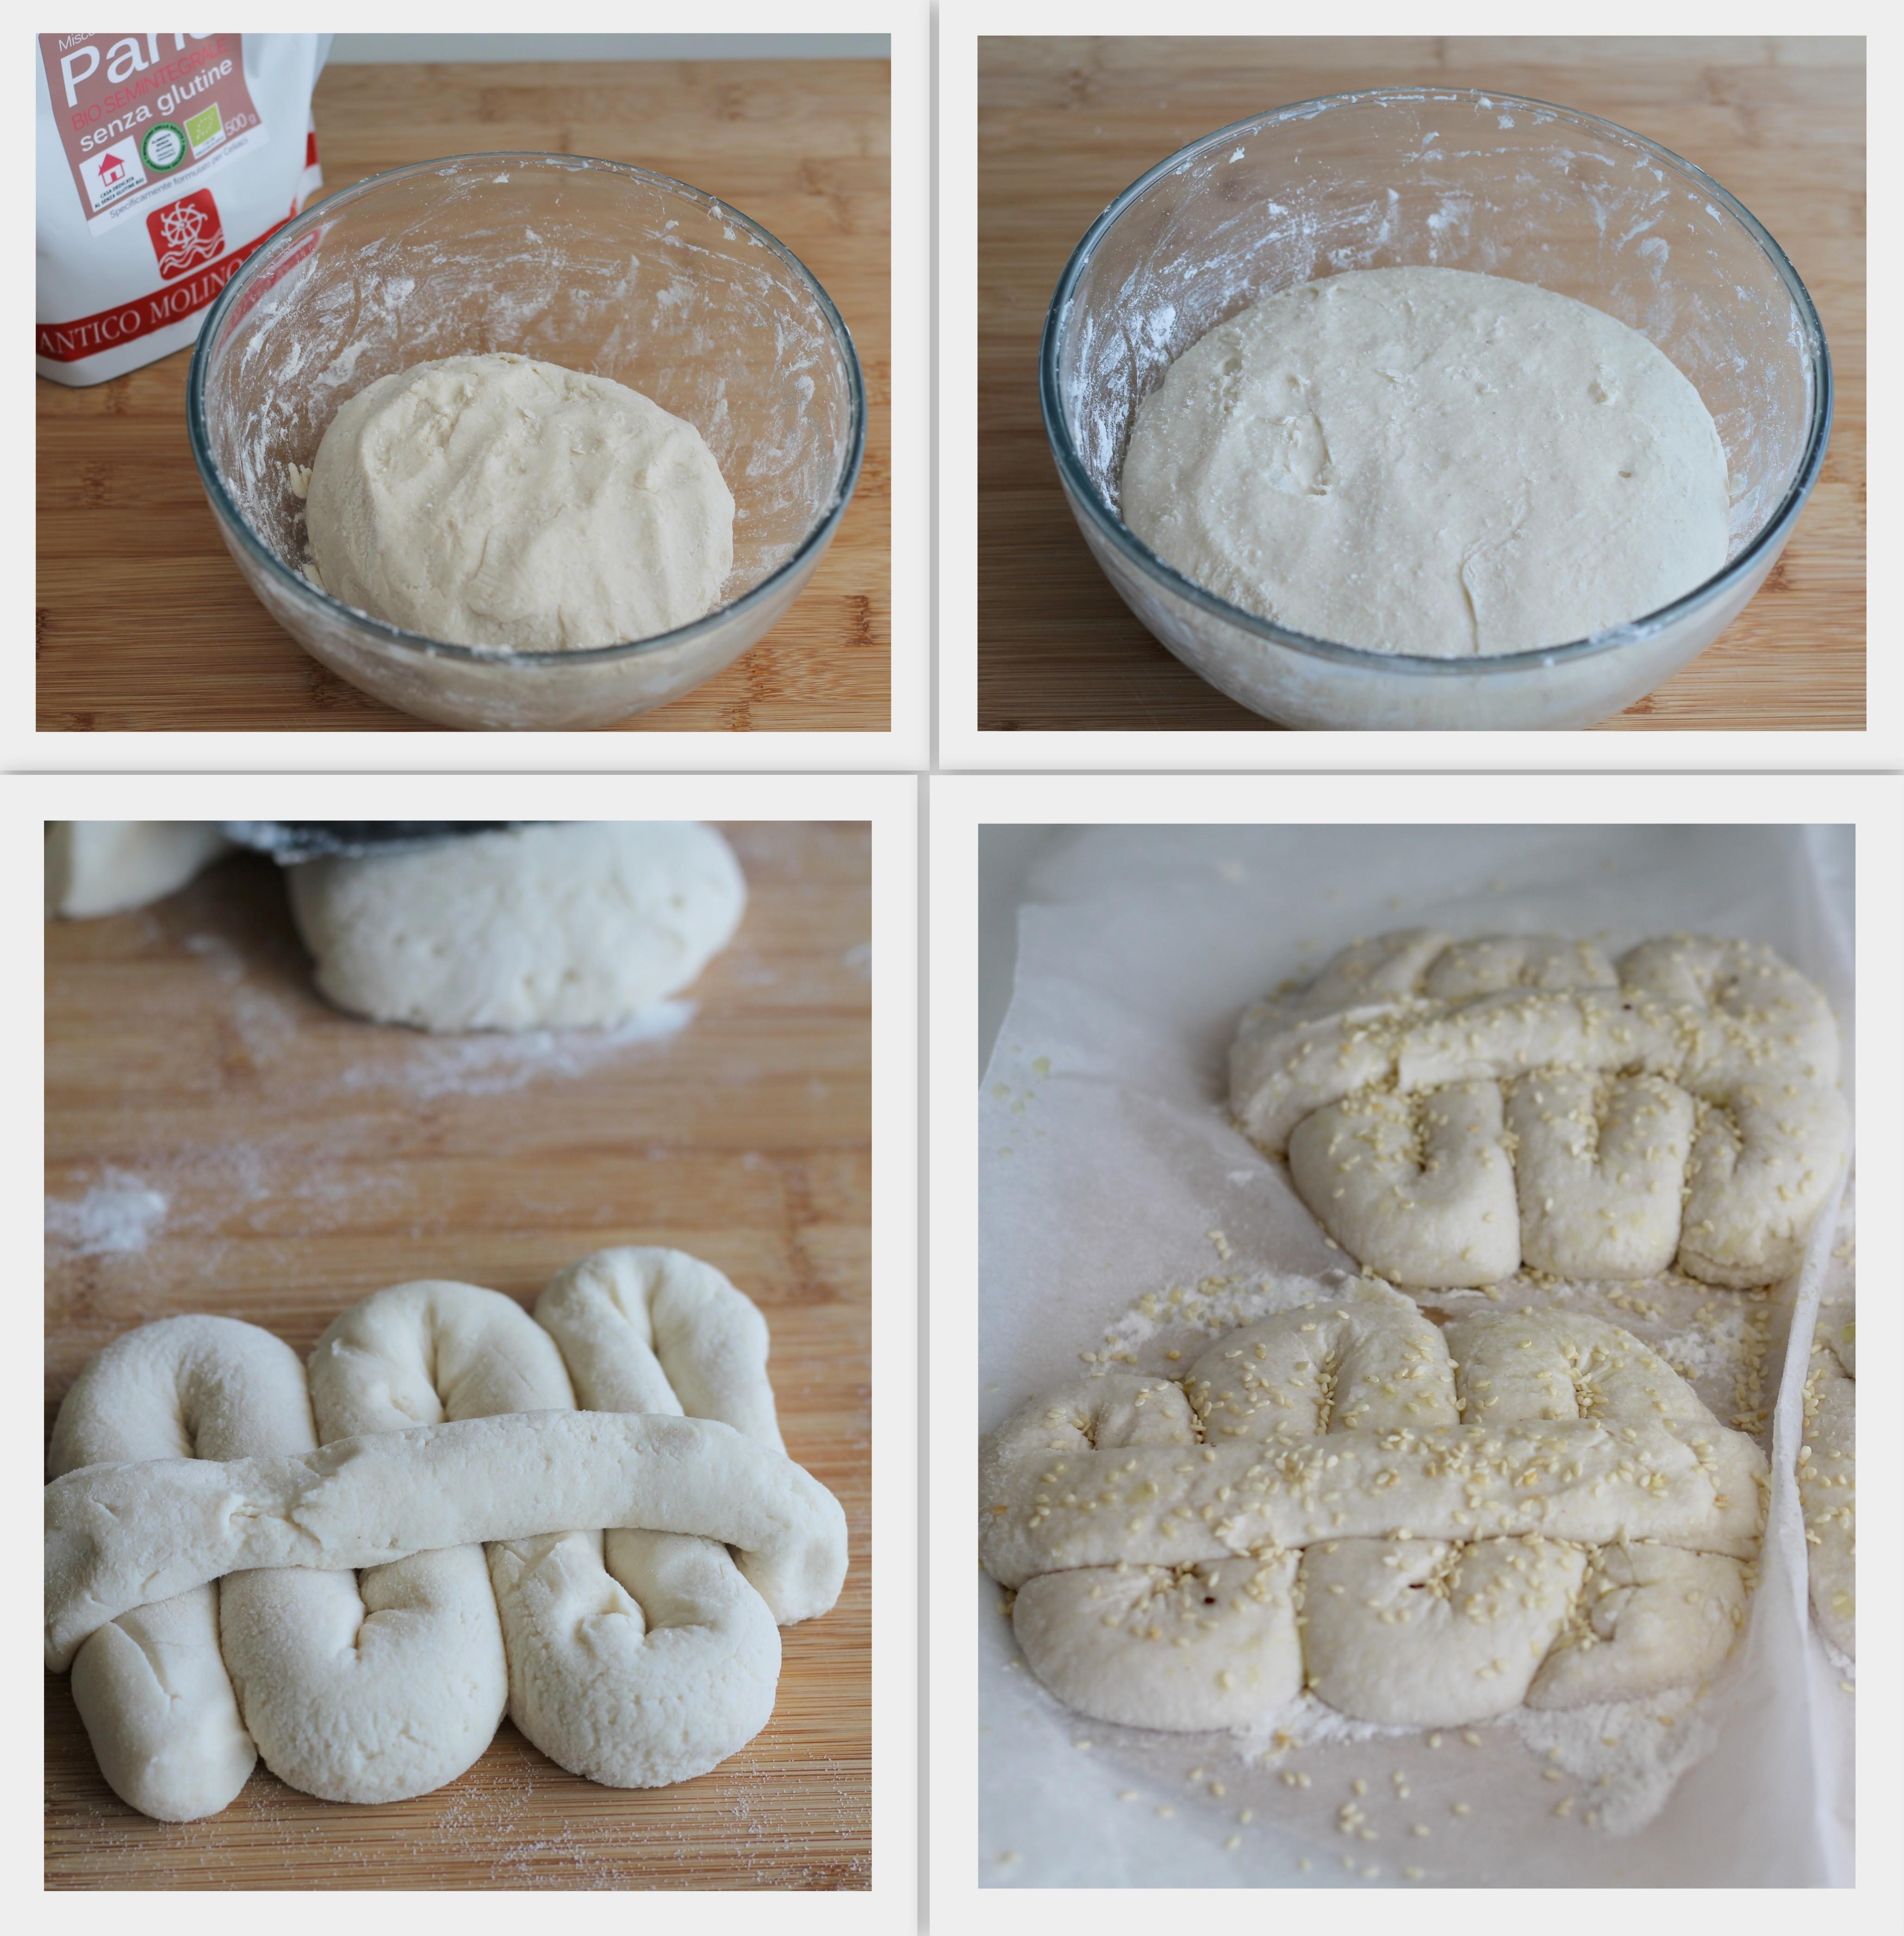 Preparazione della mafalda senza glutine con farina semintegrale Molino Rosso - Gluten Free Travel and Living